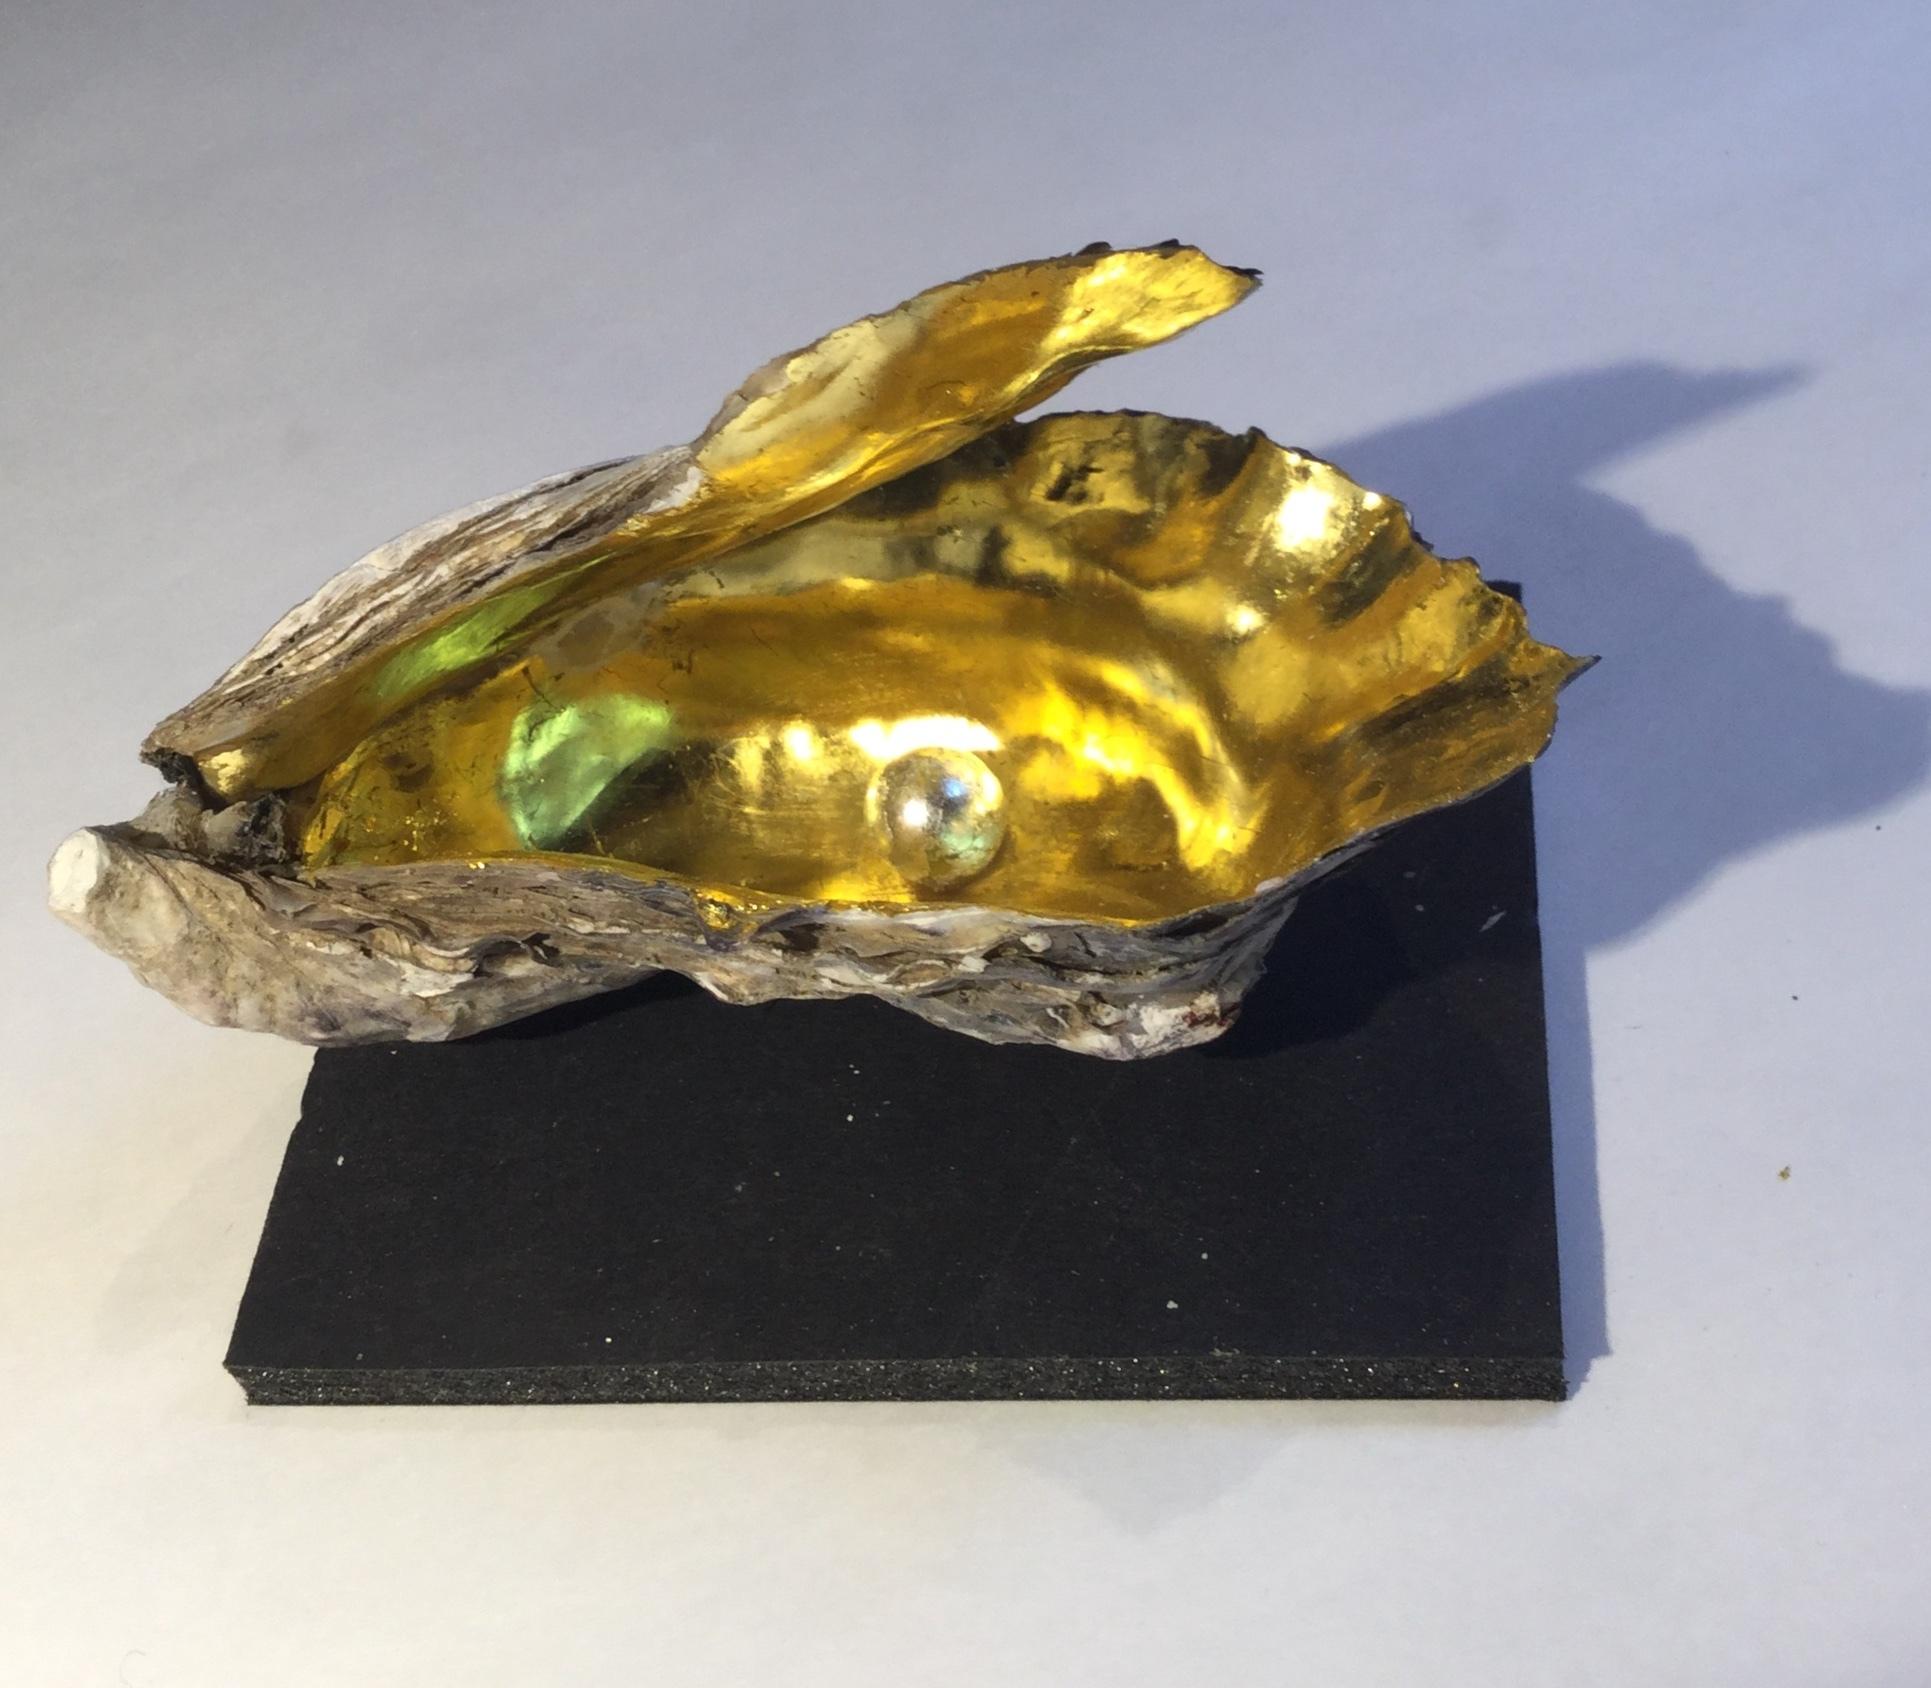 Galerie d'image - ATELIER DE DORURE